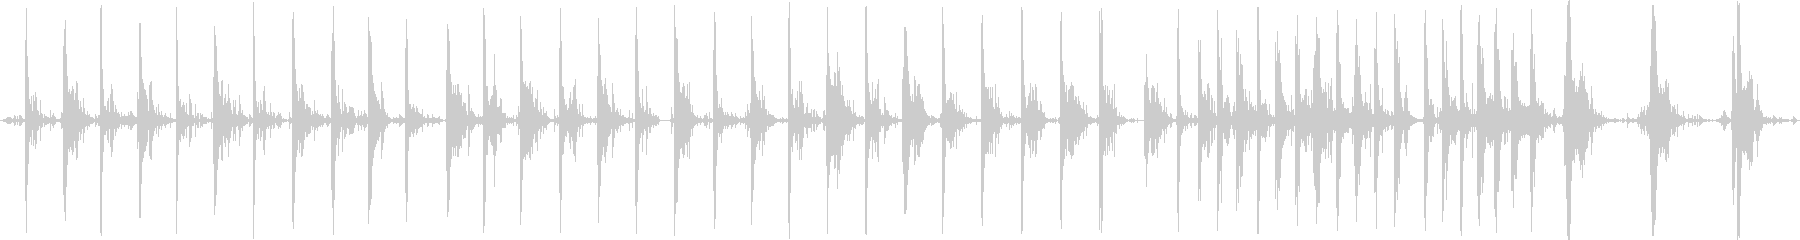 さまざまなラウドメタルフットステッ...の未再生の波形